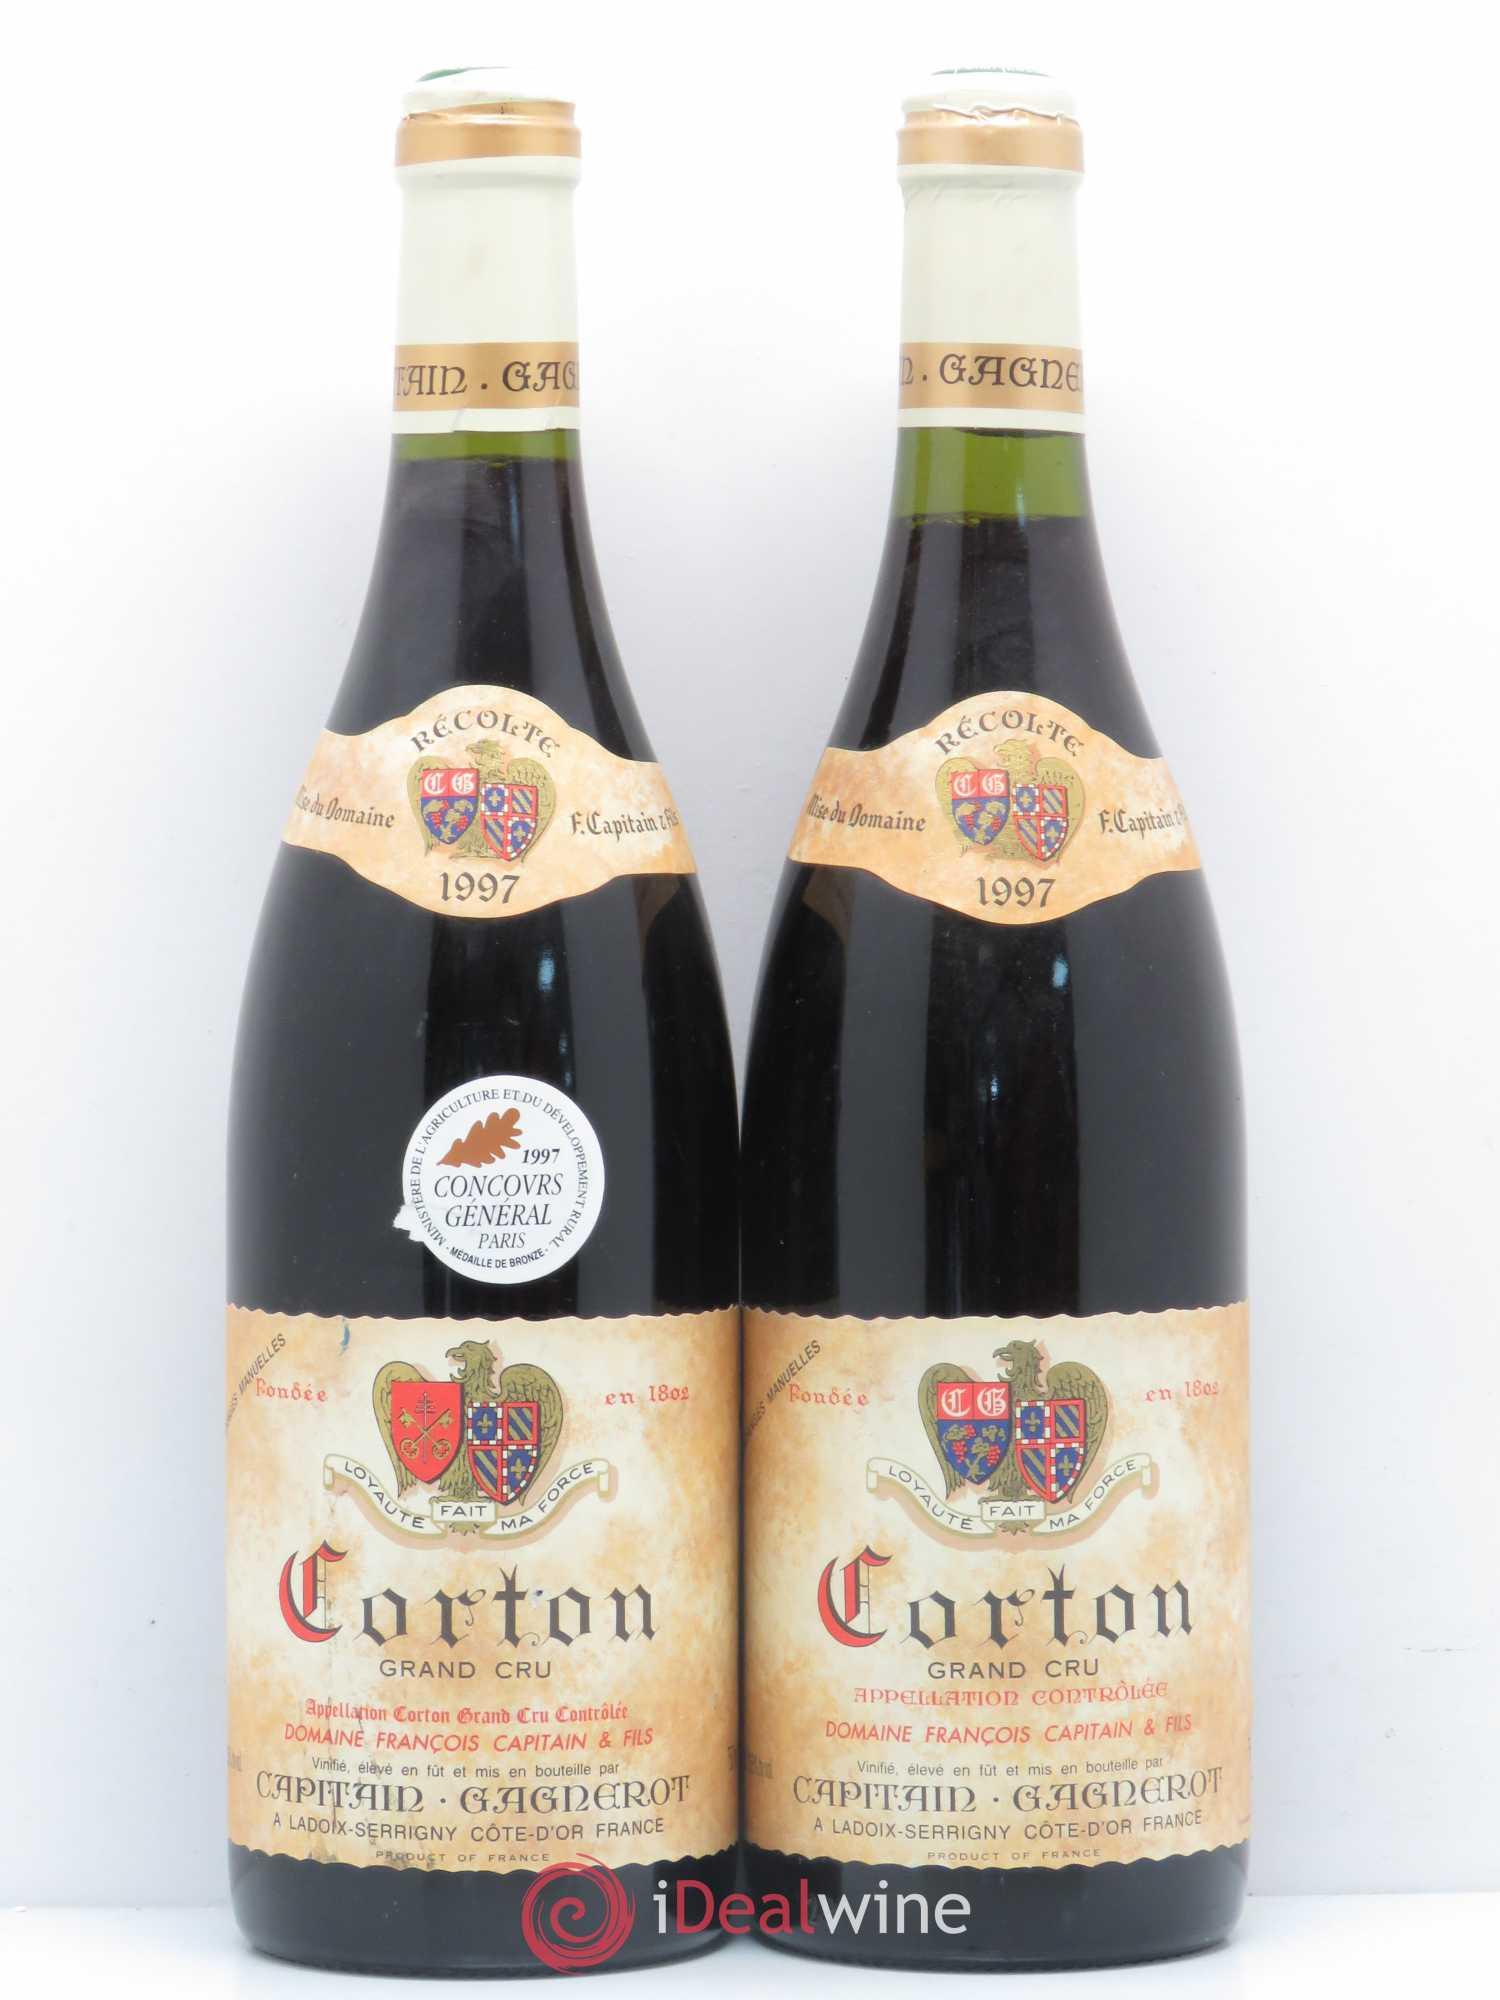 Corton Grand Cru Capitain Gagnerot (no reserve) 1997